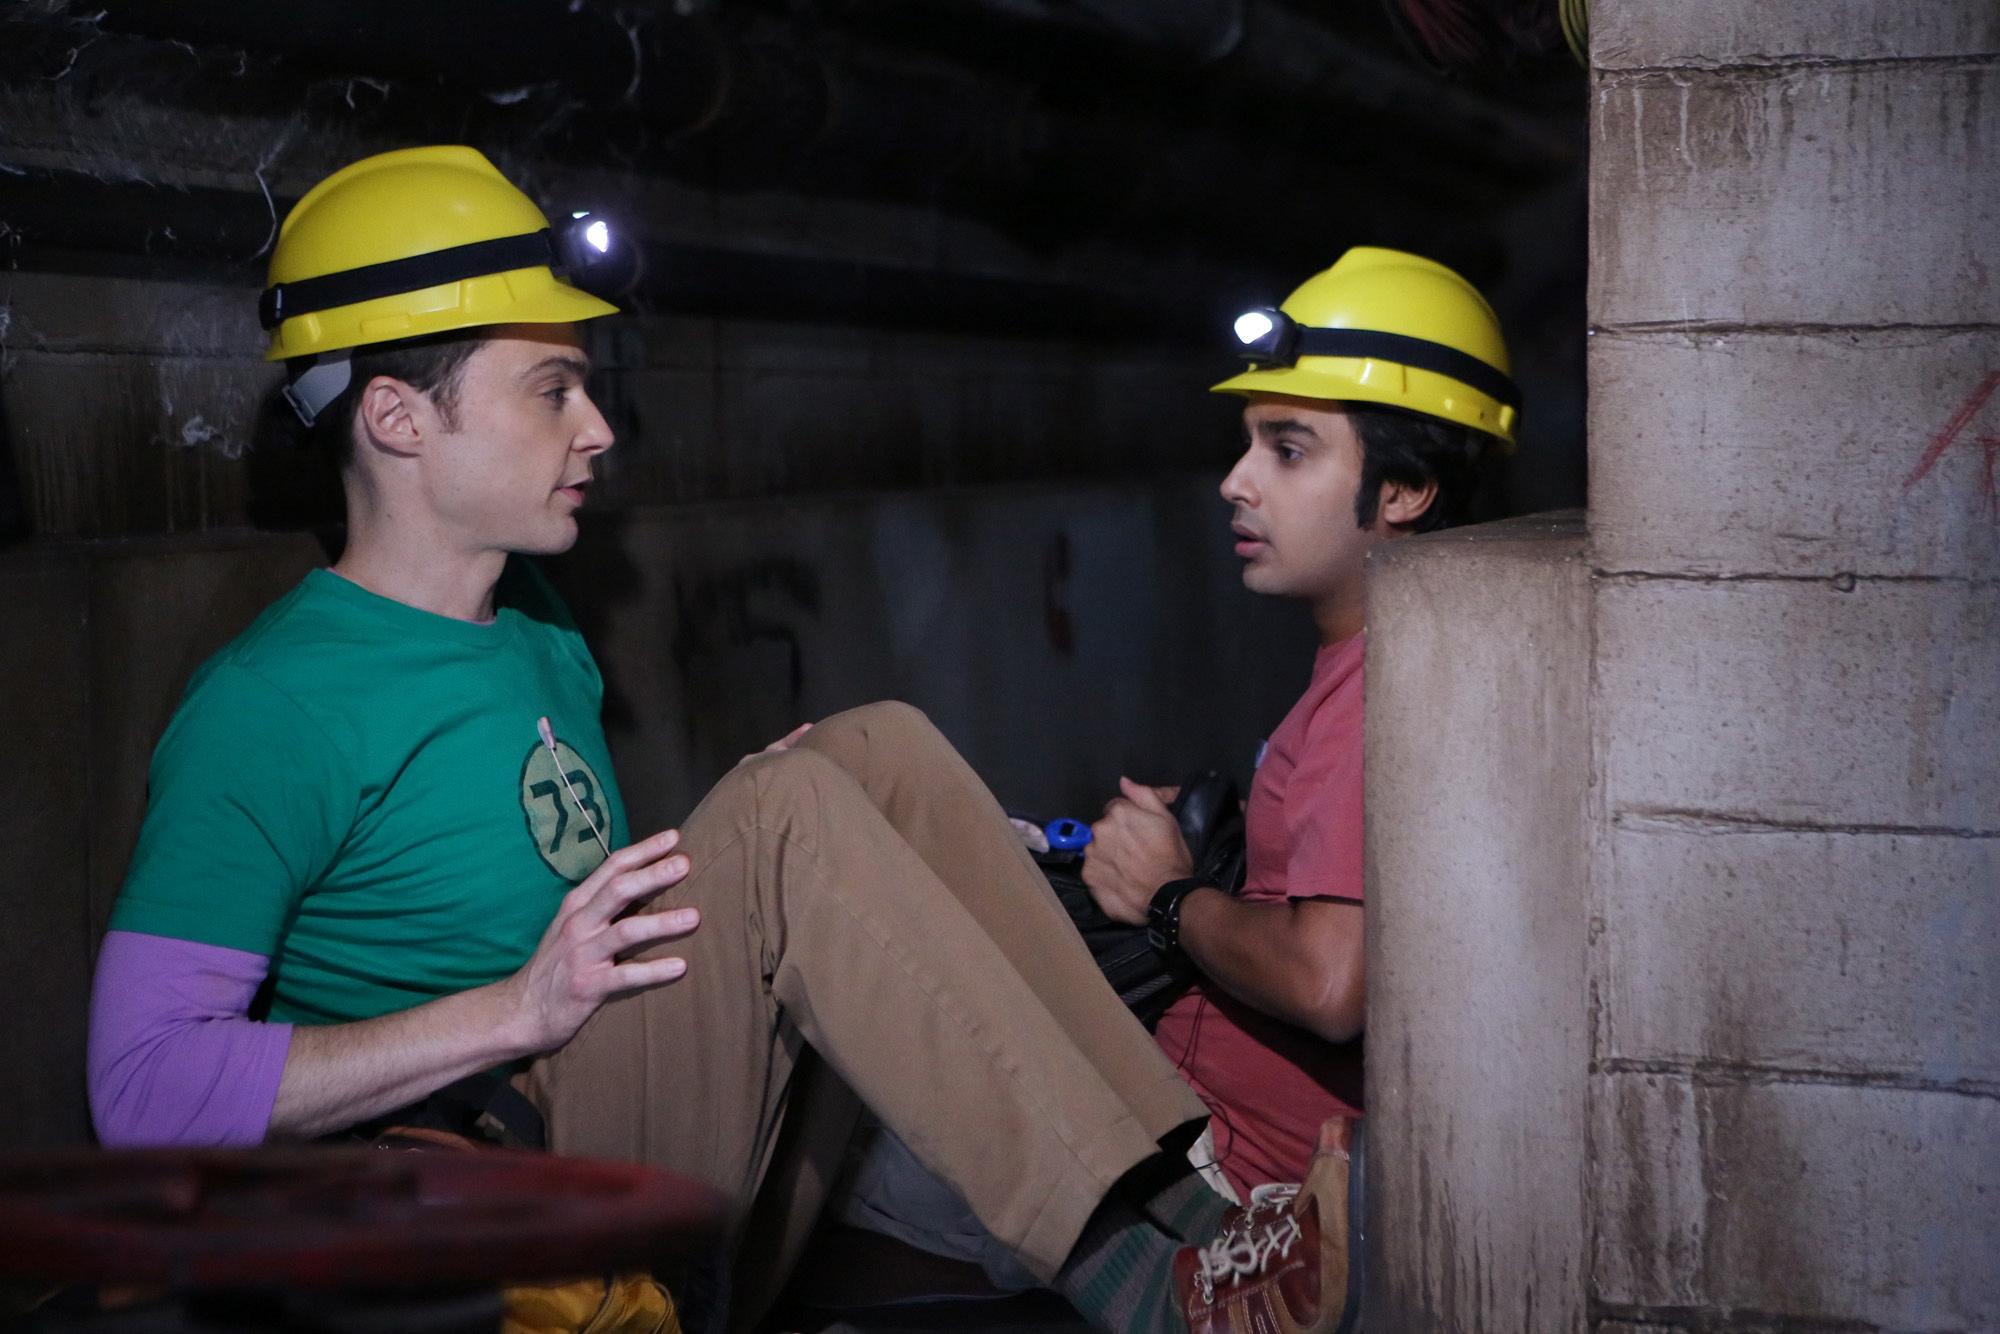 Sheldon and Raj